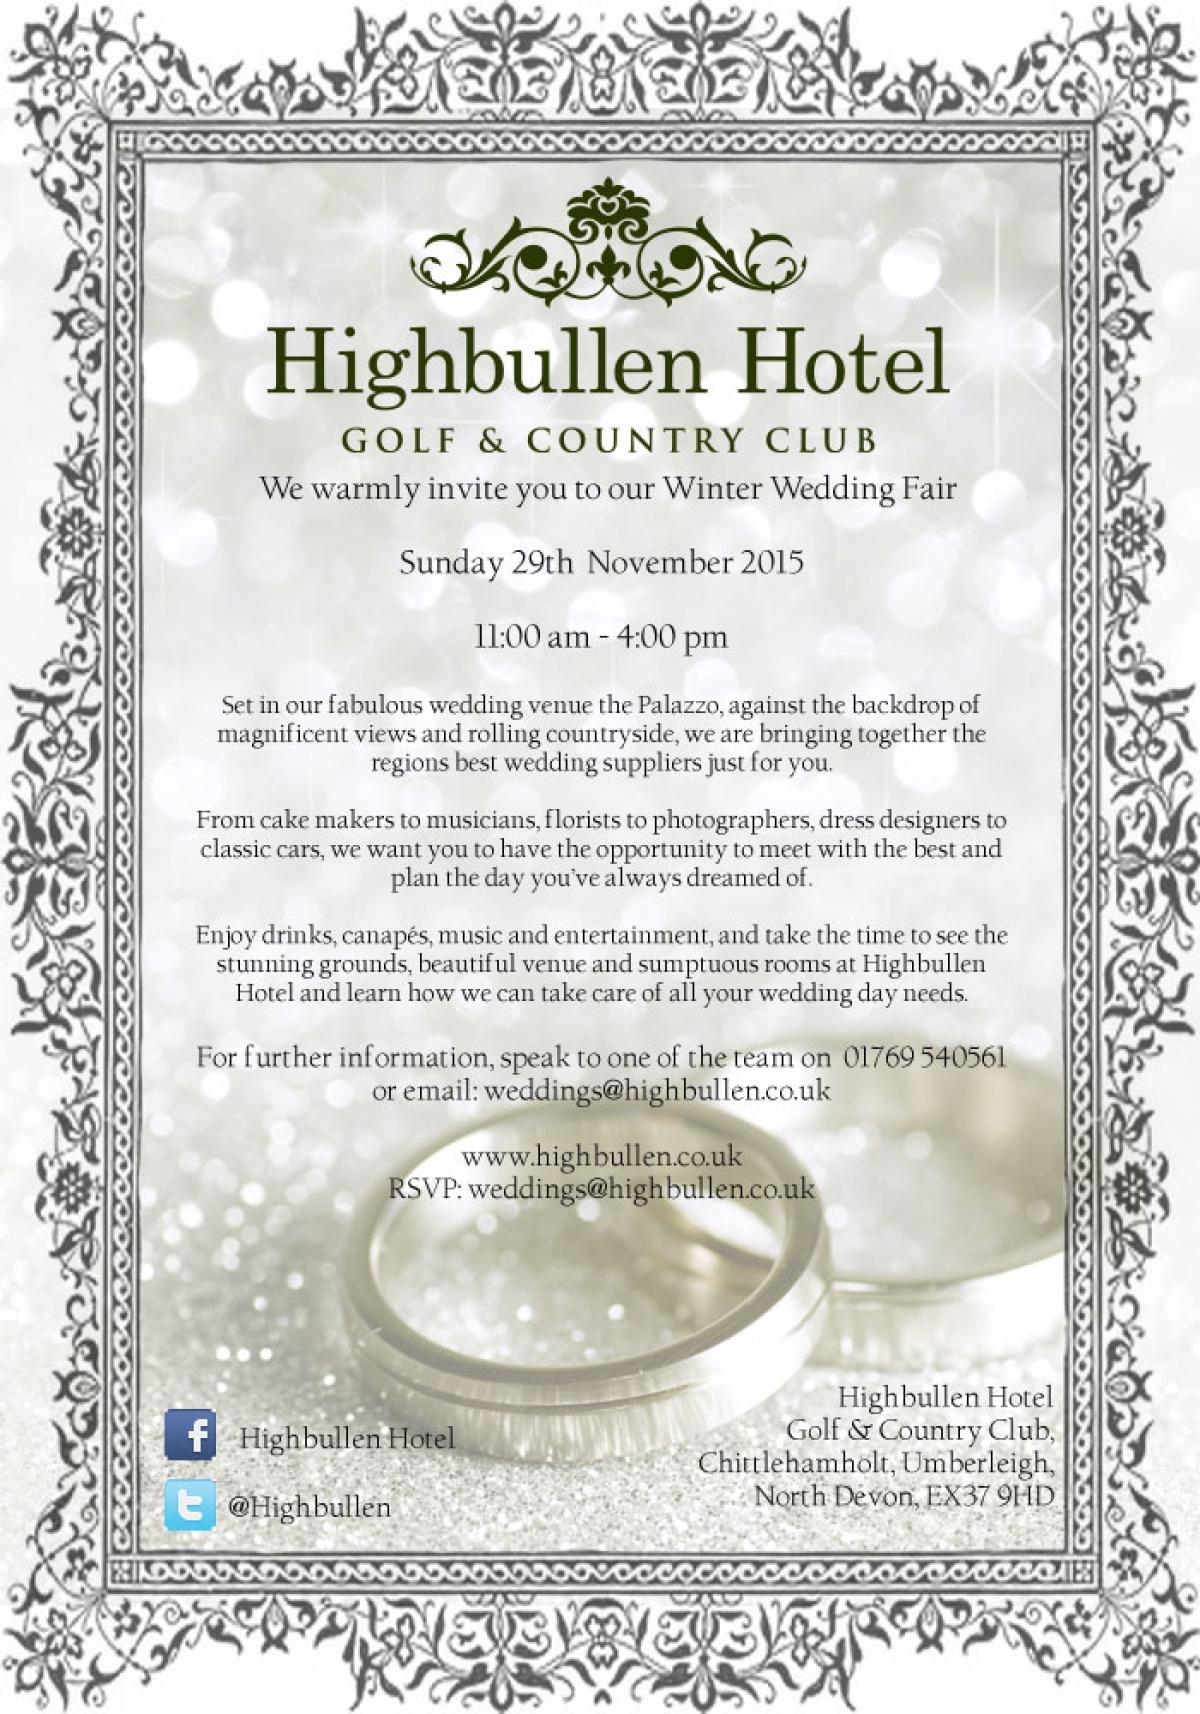 Highbullen Hotel Winter Wedding Fair